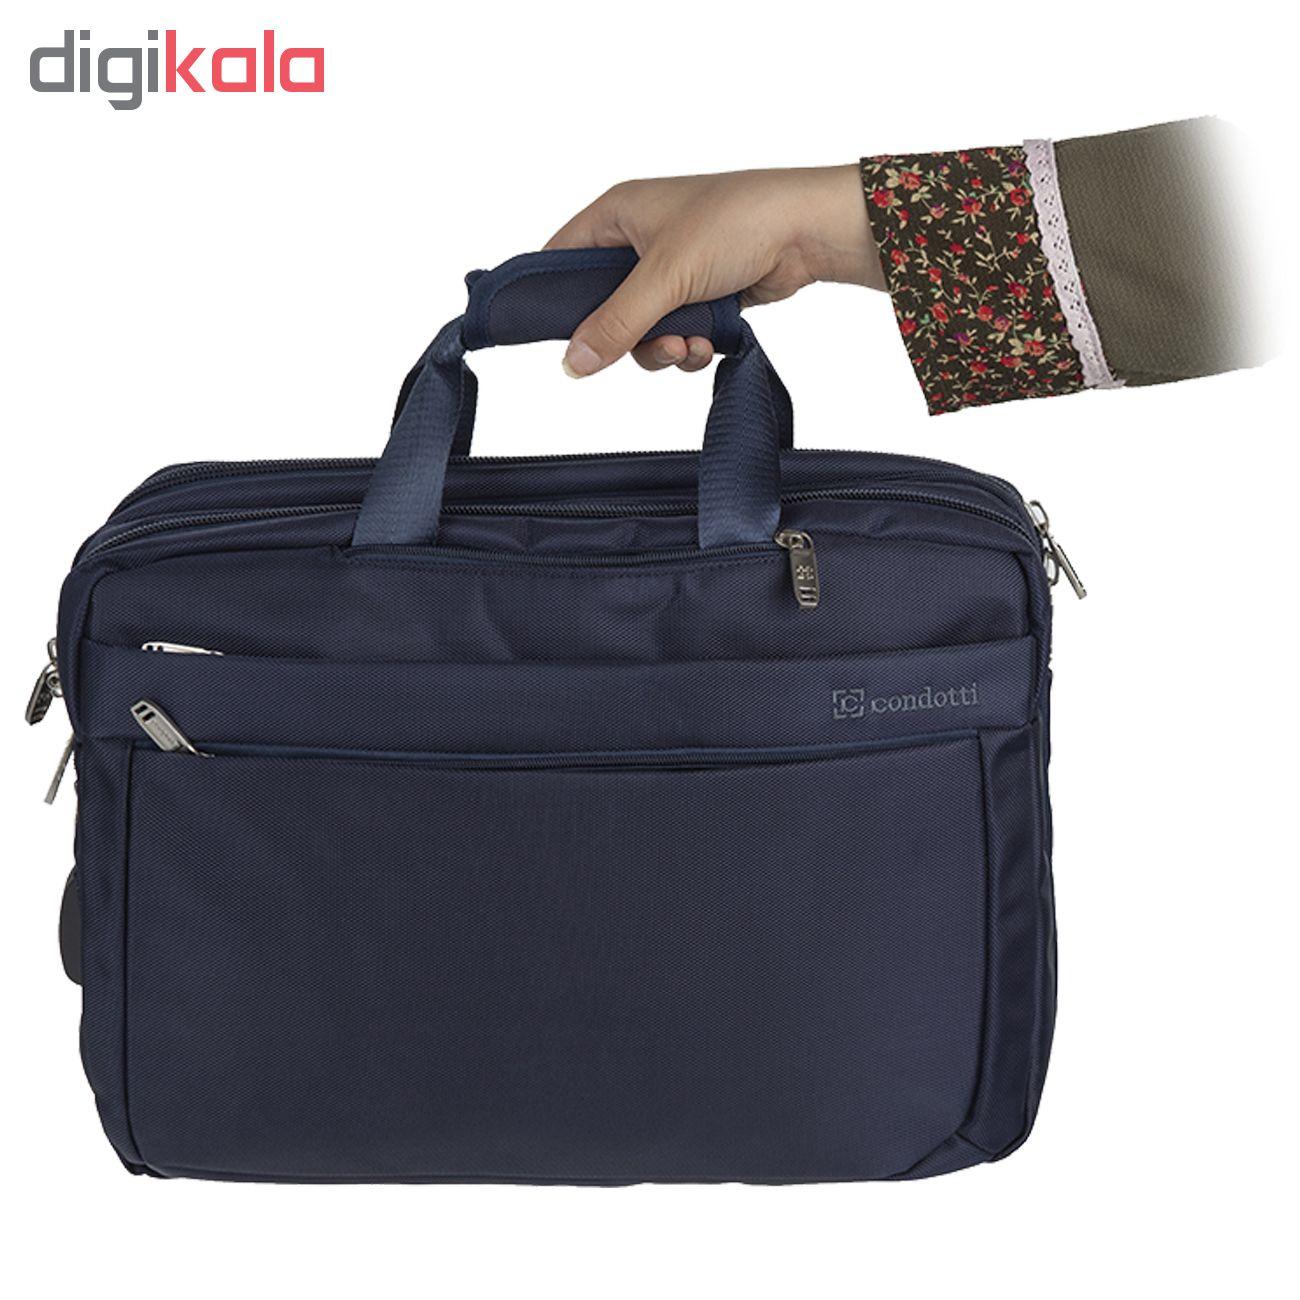 کیف لپ تاپ کندوتی مدل RC-400-1 مناسب برای لپ تاپ 15.6 اینچ به همراه کیف رودوشی